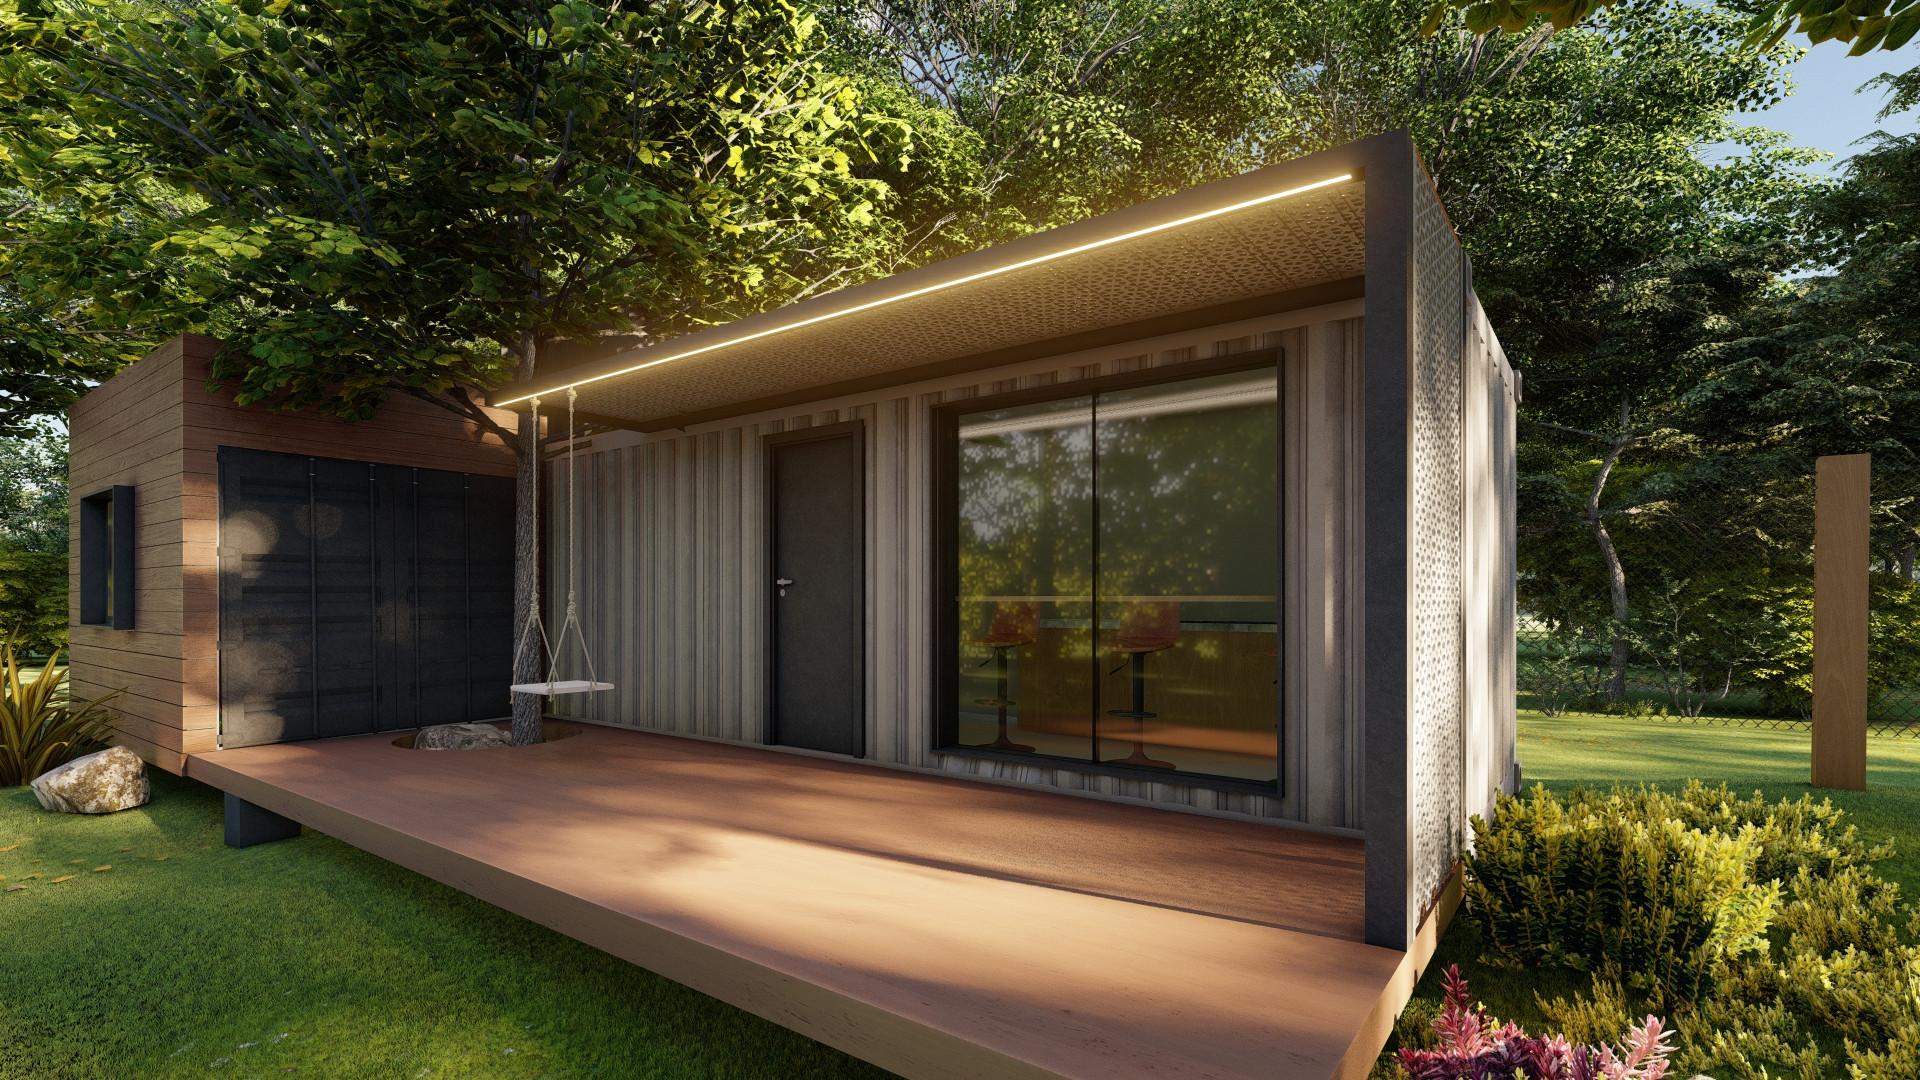 Casa Container S